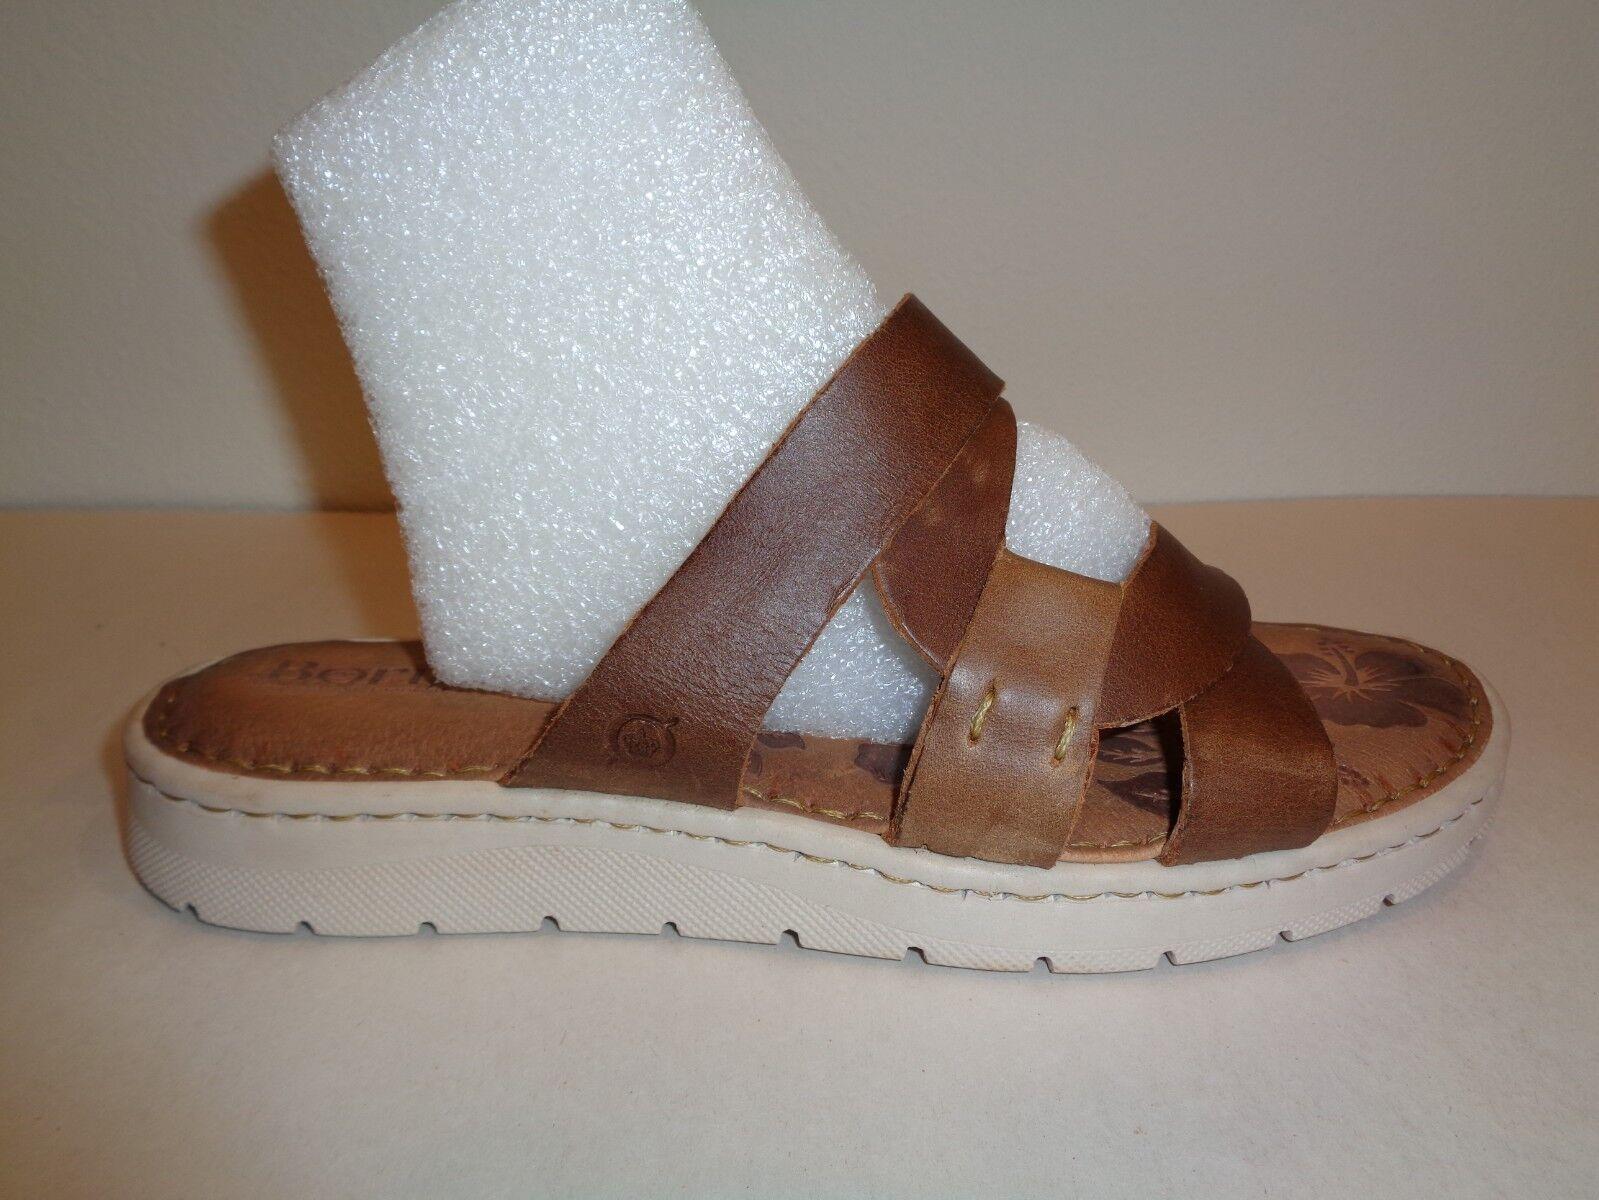 Born Dimensione 9 M M M BIRA Tan Marronee Full Grain Leather Slides Sandals New donna scarpe 0dfa0a